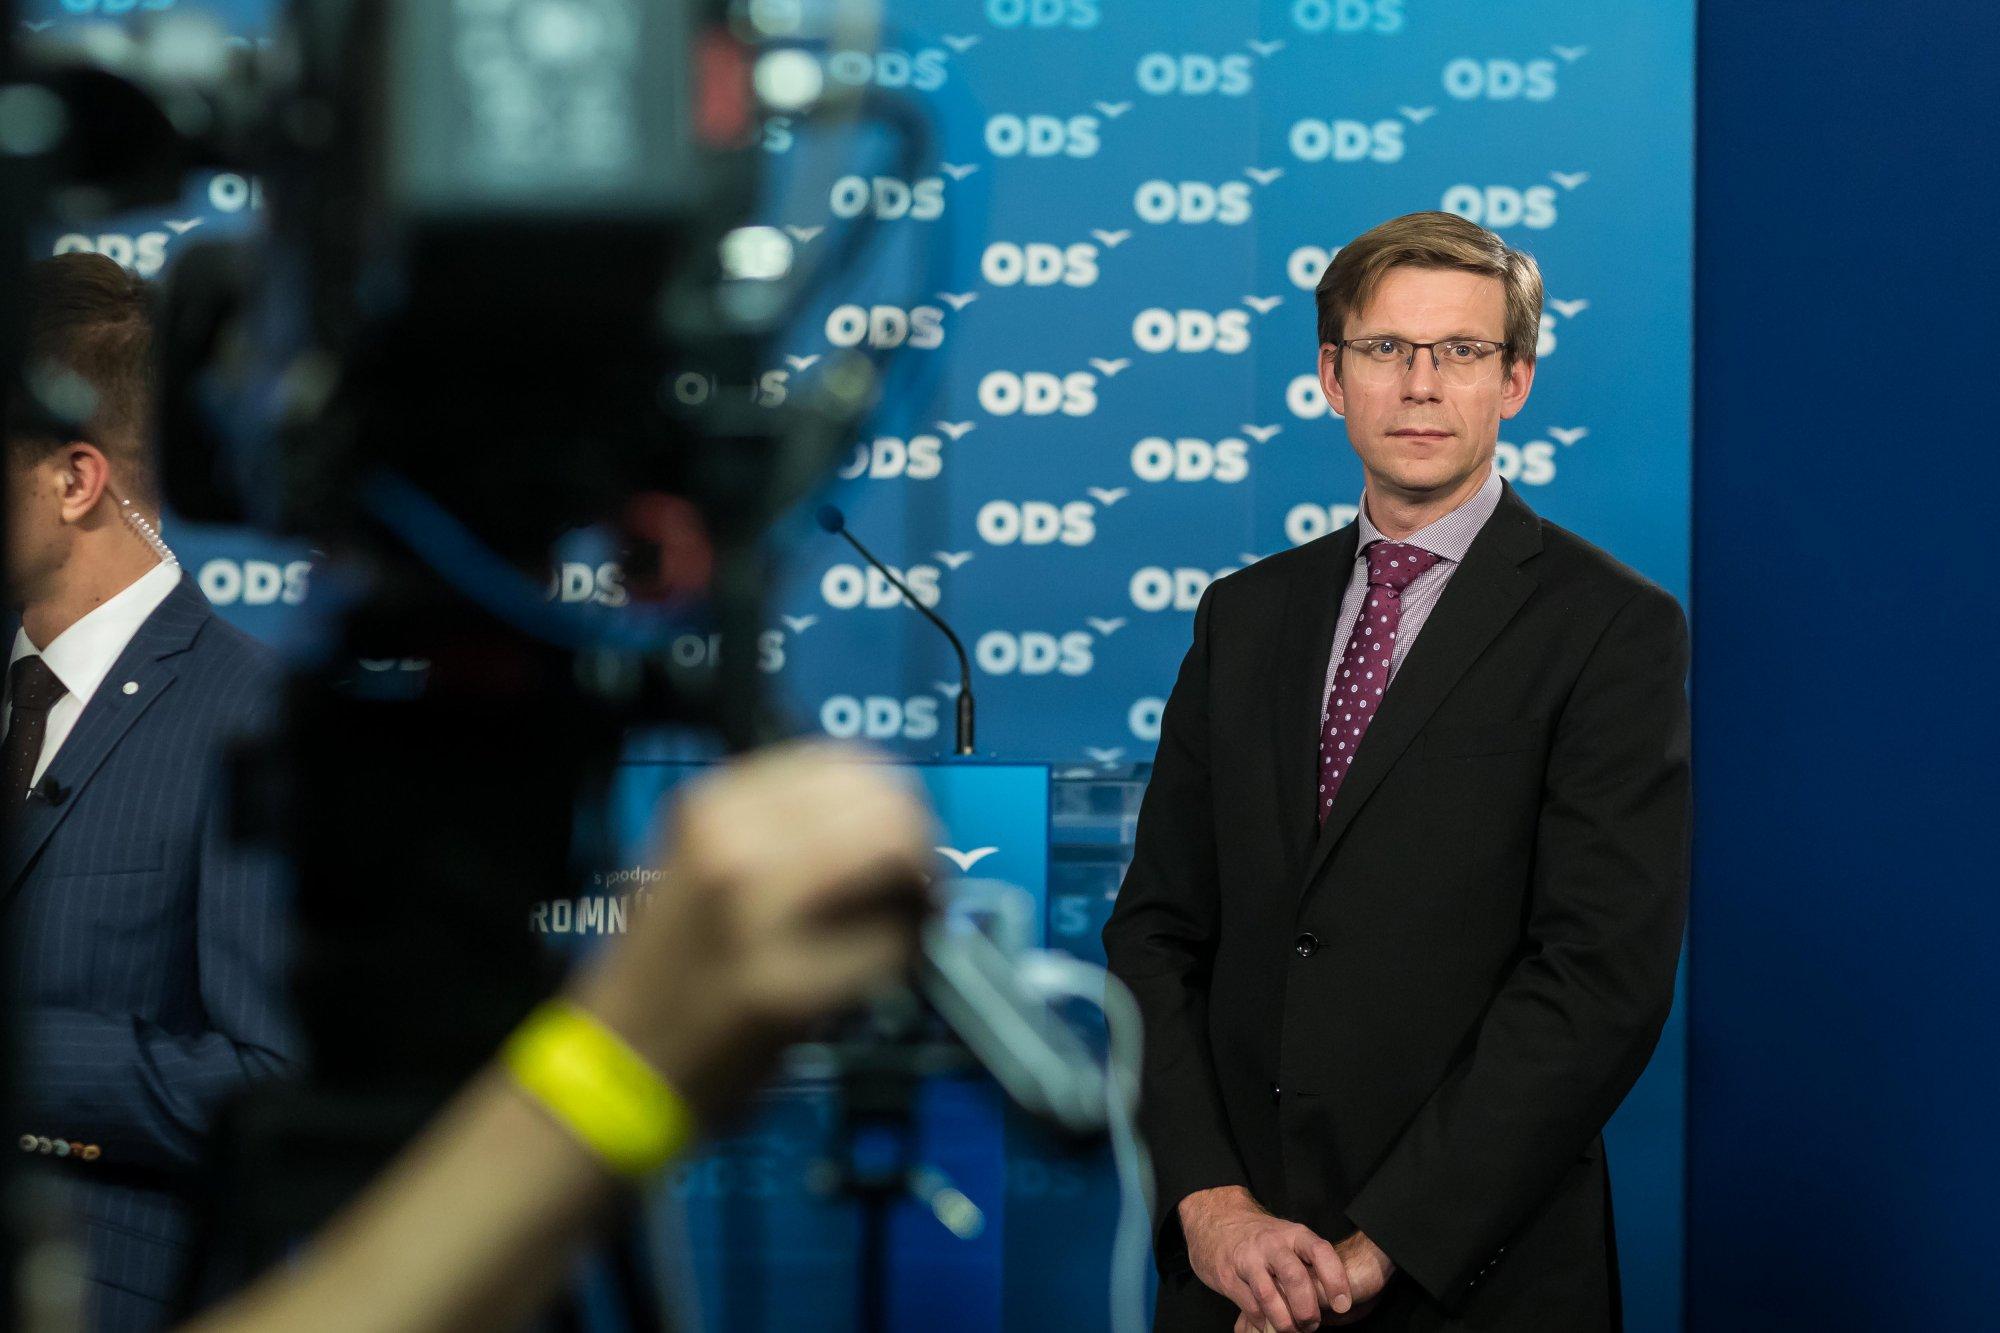 ČRo Radiožurnál: Kdo nastoupí na post ministra spravedlnosti?